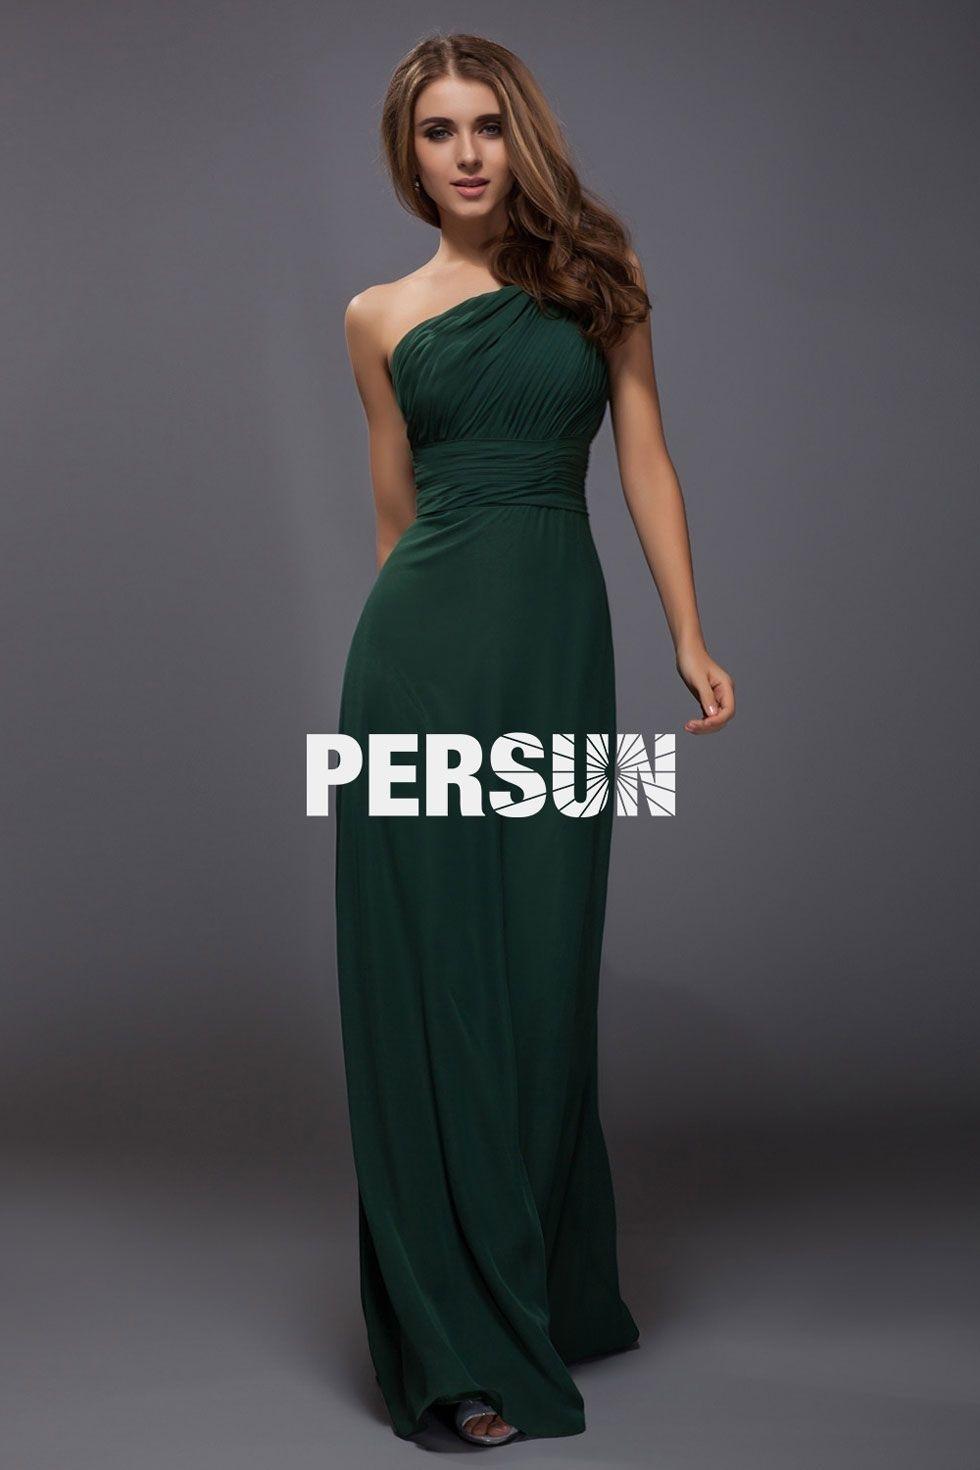 10 Ausgezeichnet Abendkleider Elegant Lang Günstig Boutique Top Abendkleider Elegant Lang Günstig Stylish